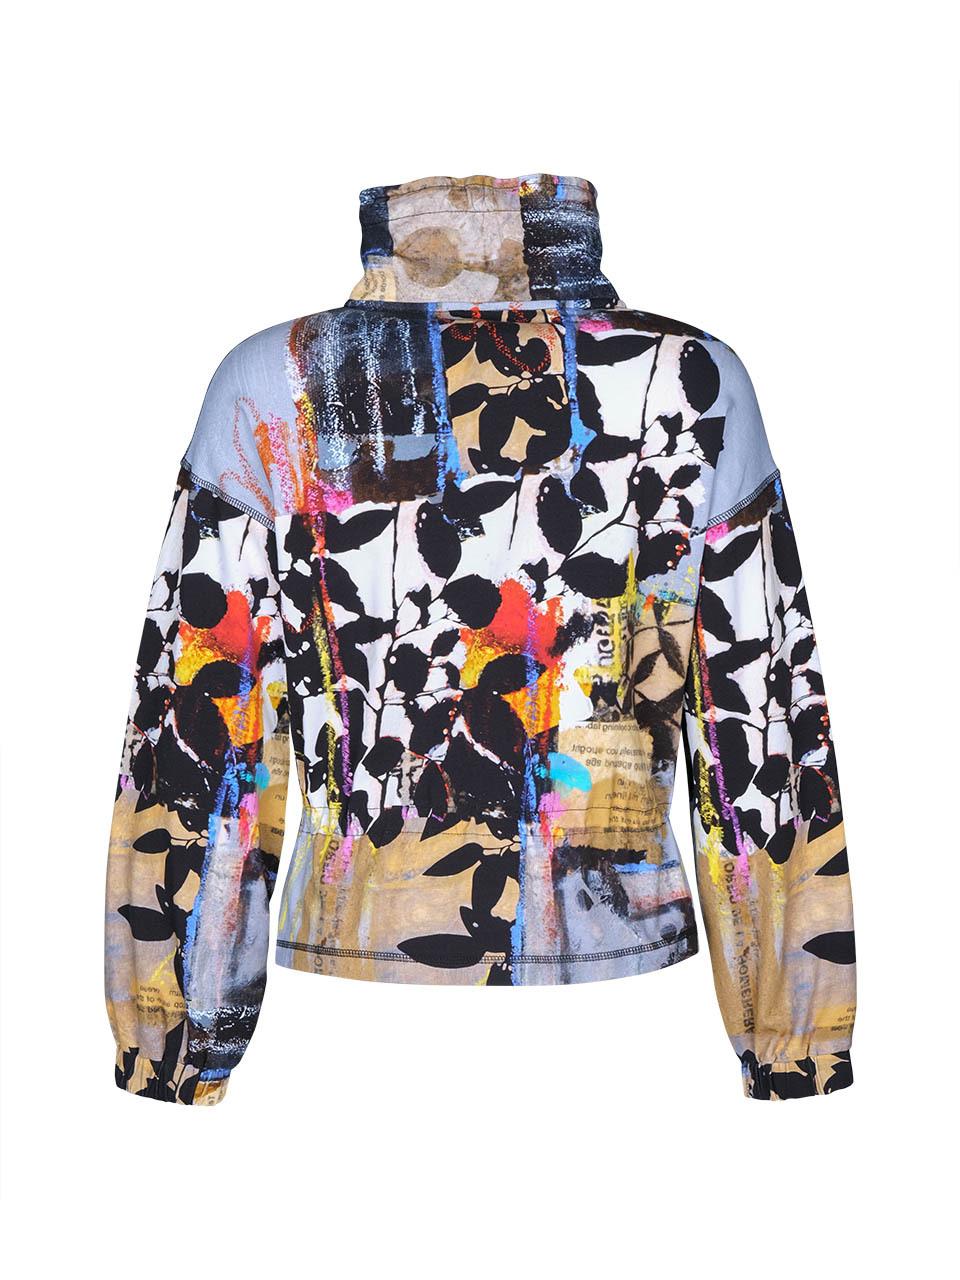 Simply Art Dolcezza: Pull Tie Waist Zip Up Double OO Art Jacket (2 Left!)